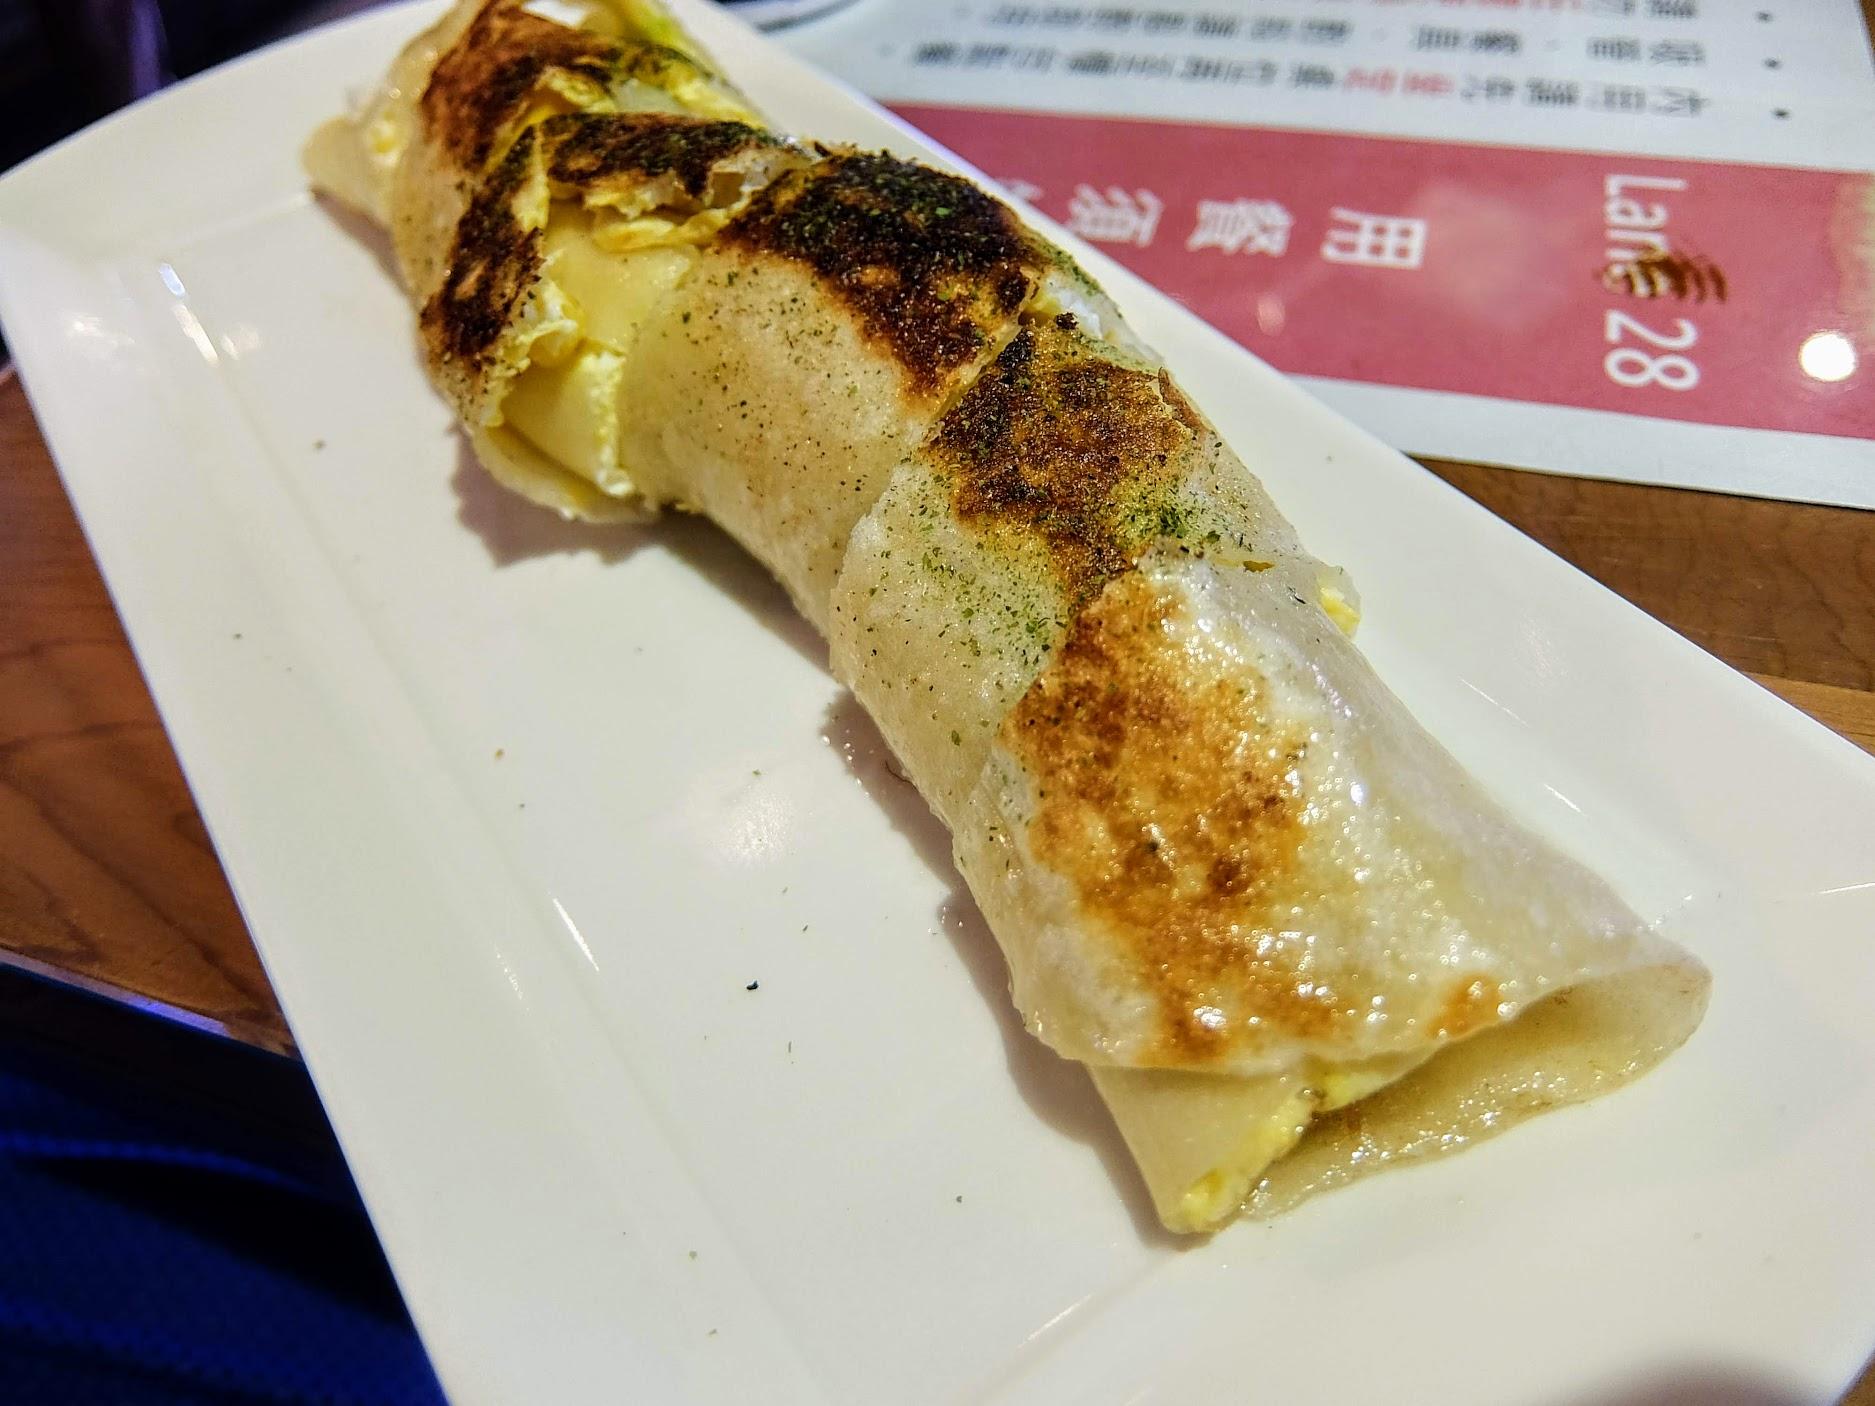 凱薩蛋餅,中間是夾著凱薩沙拉,蛋餅厚,只是沒有以前那種fu